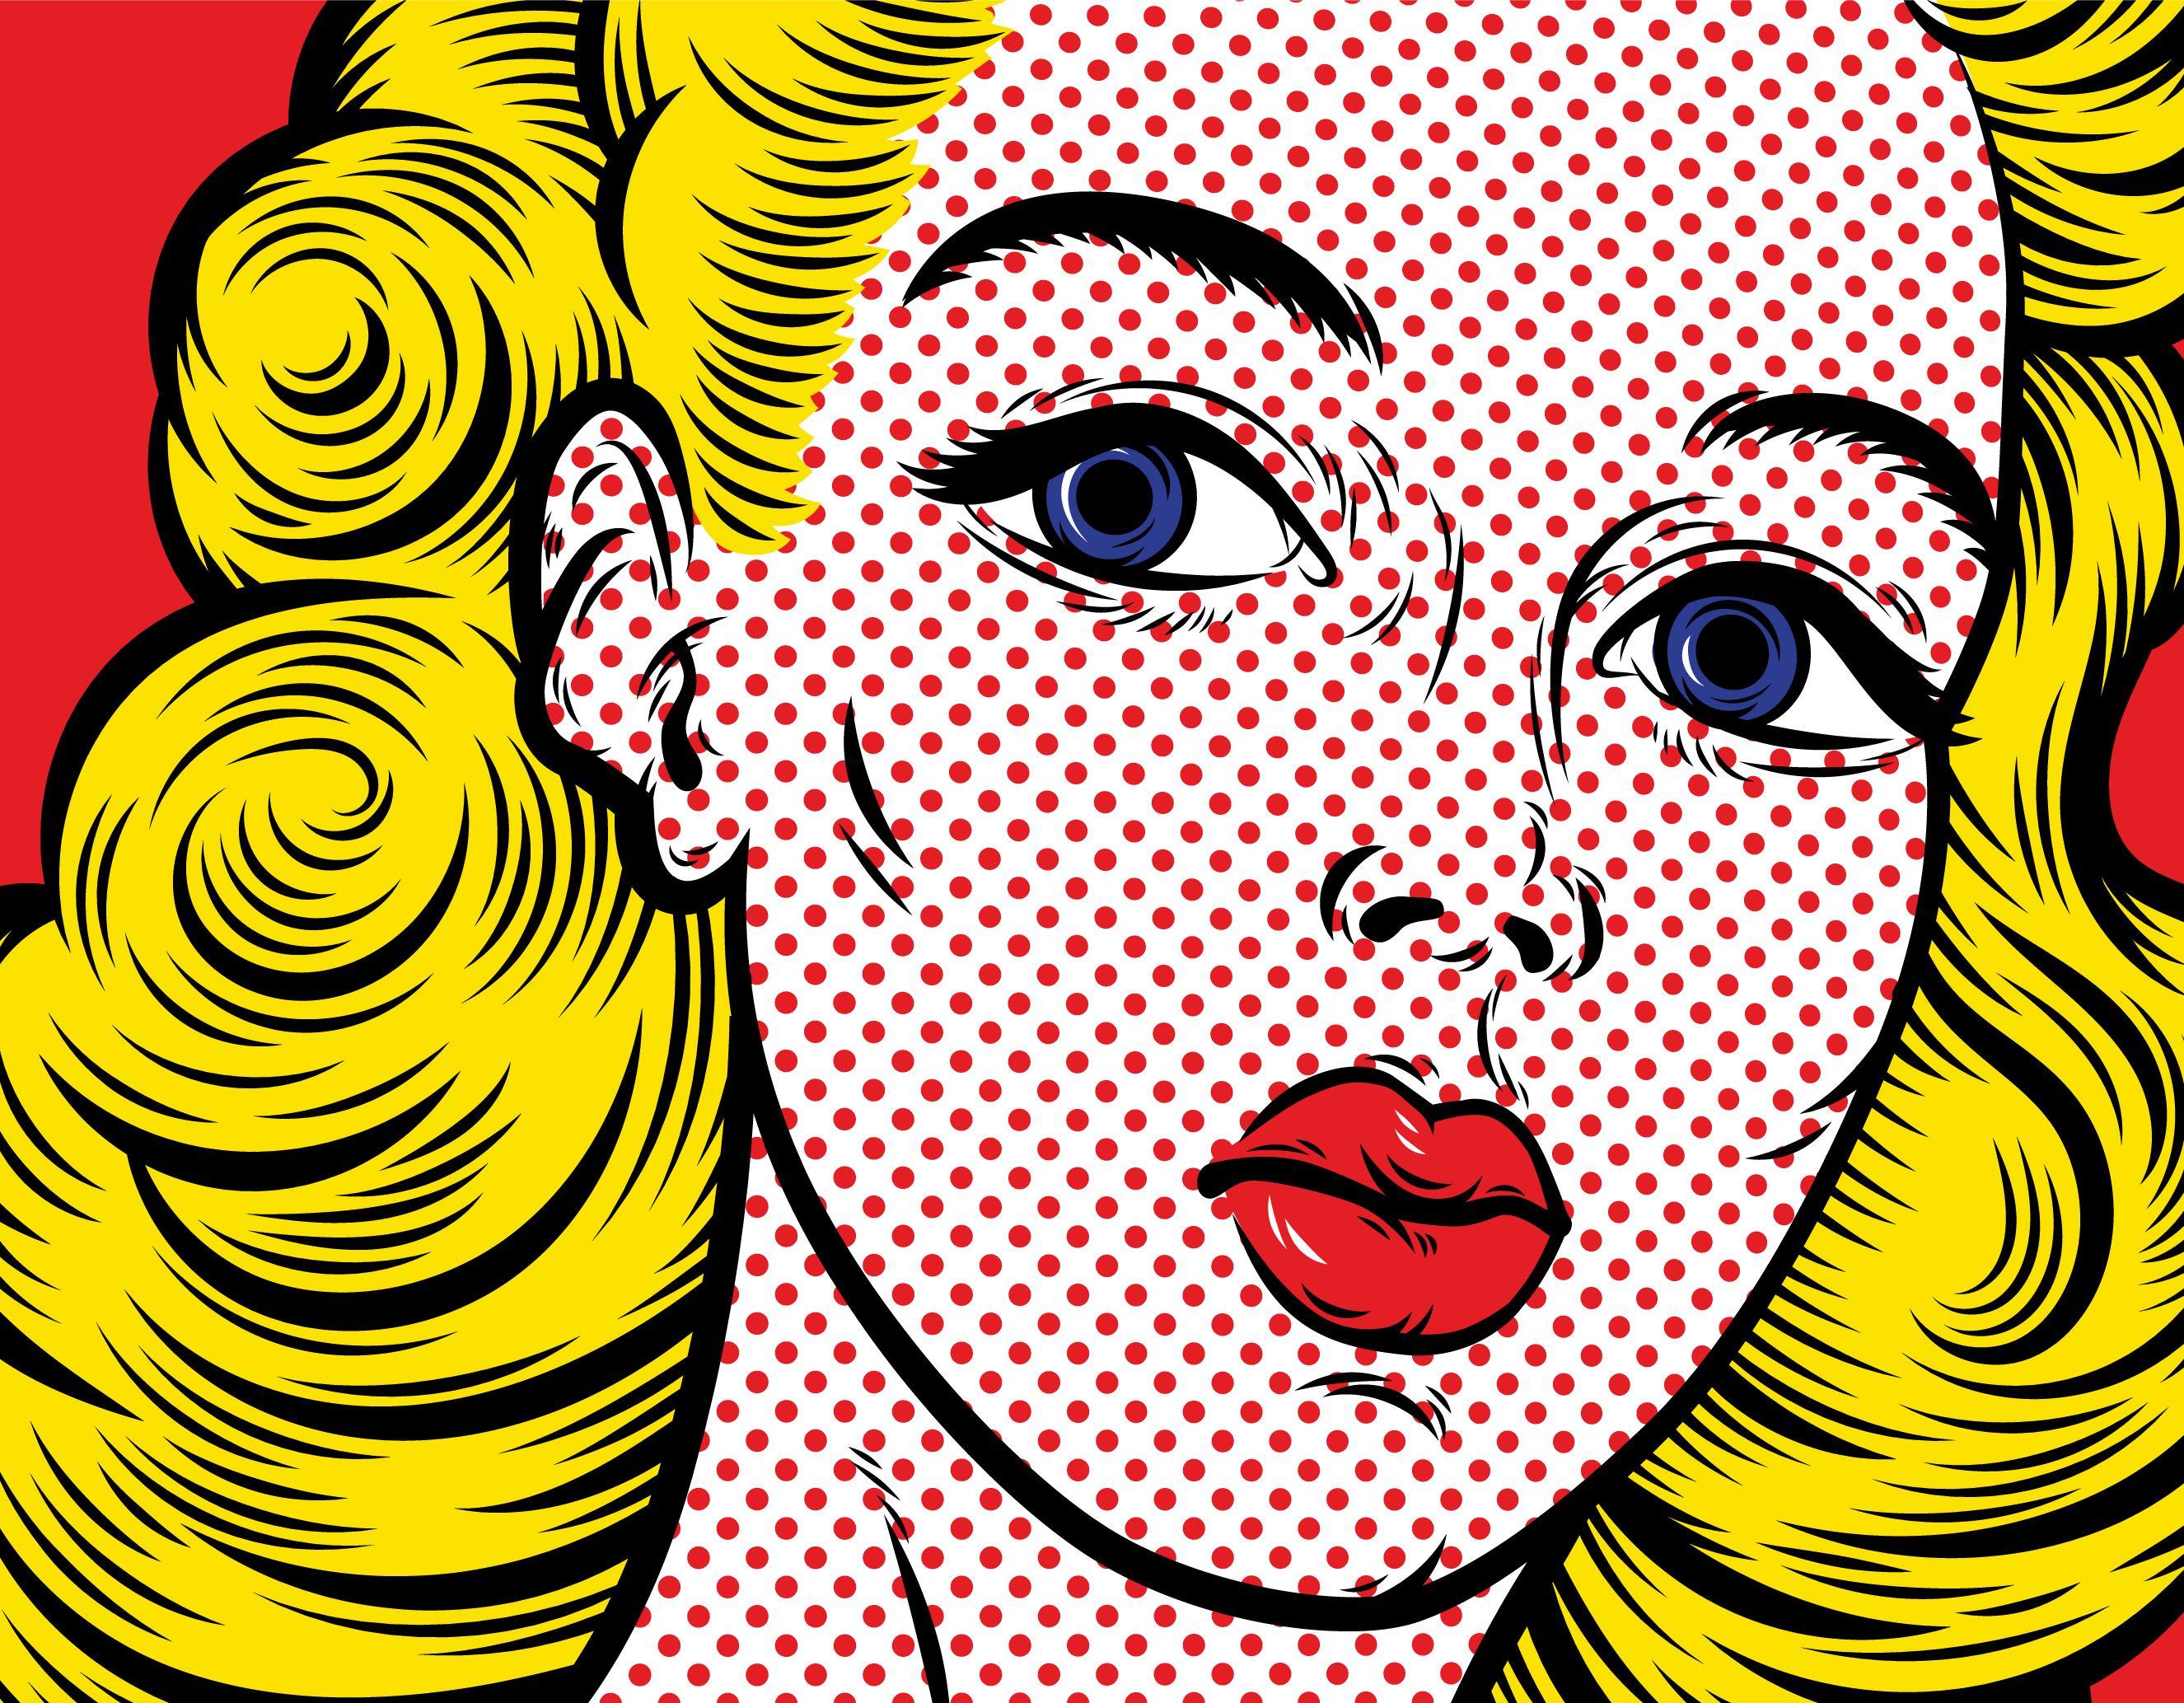 Pop Art Blond Woman Face Close Up Pop Art Pop Art Drawing Art Web